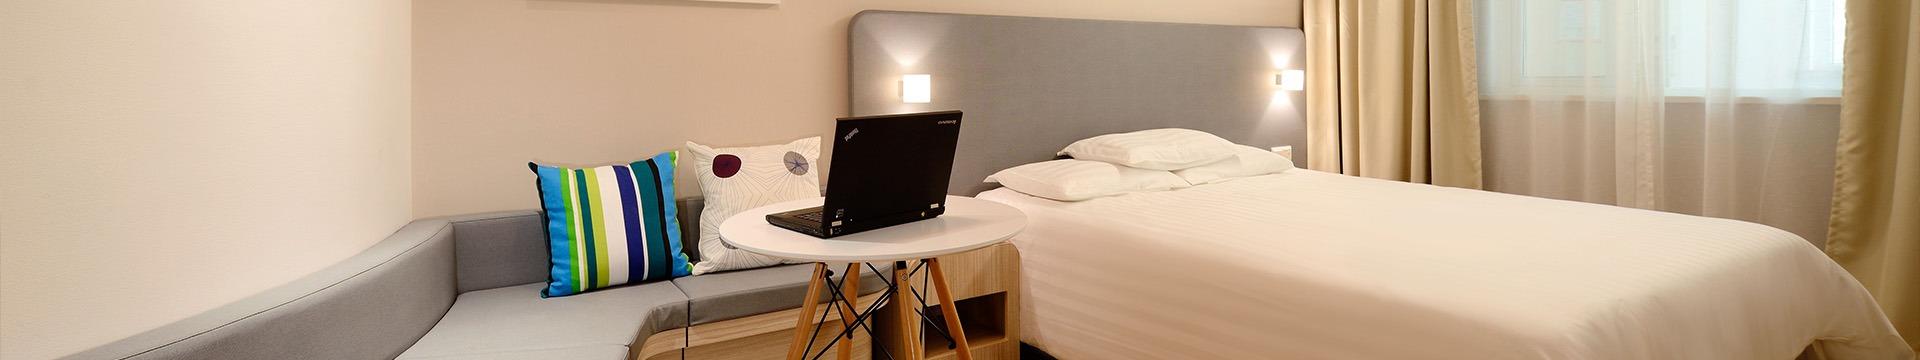 projekty hotele